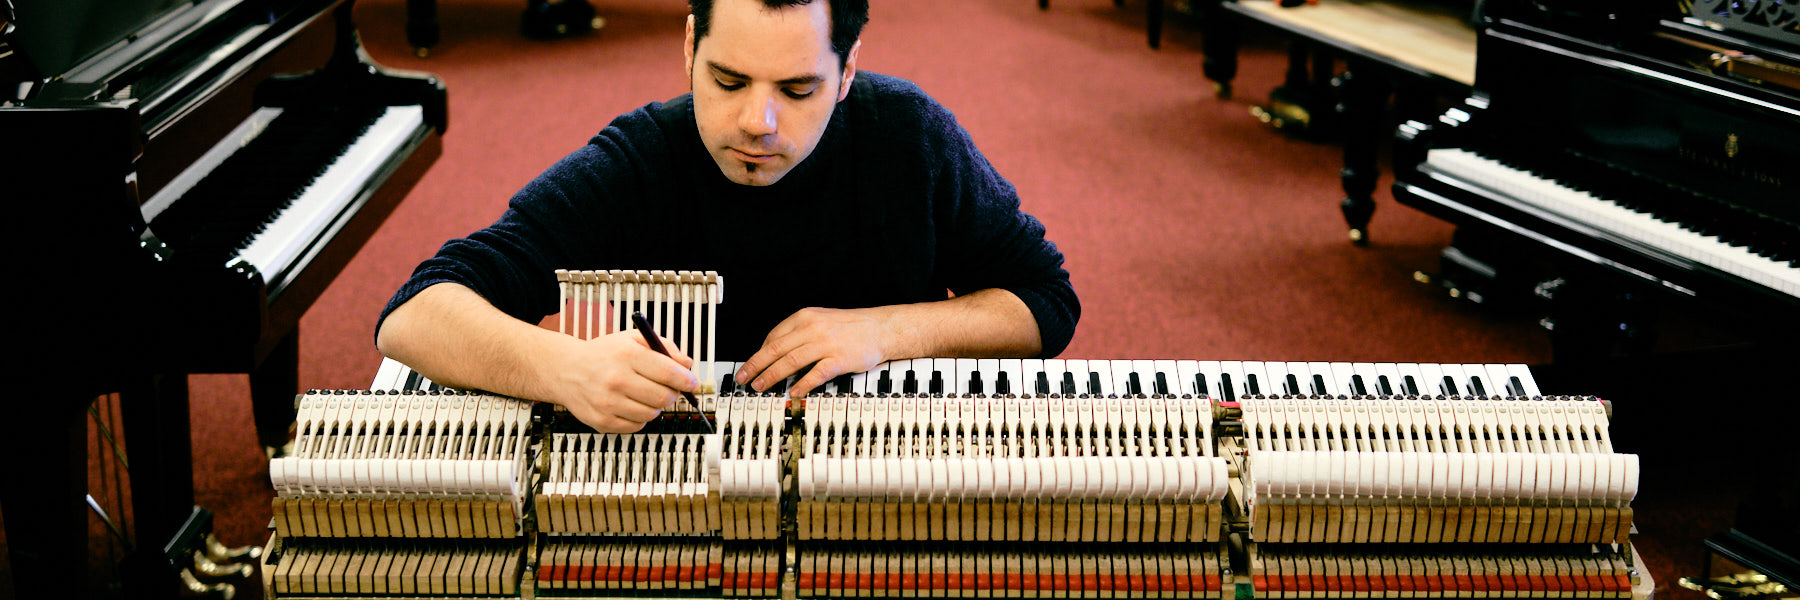 Van Dongen Piano's Pianostemmer 6 tim leguijt fotografie